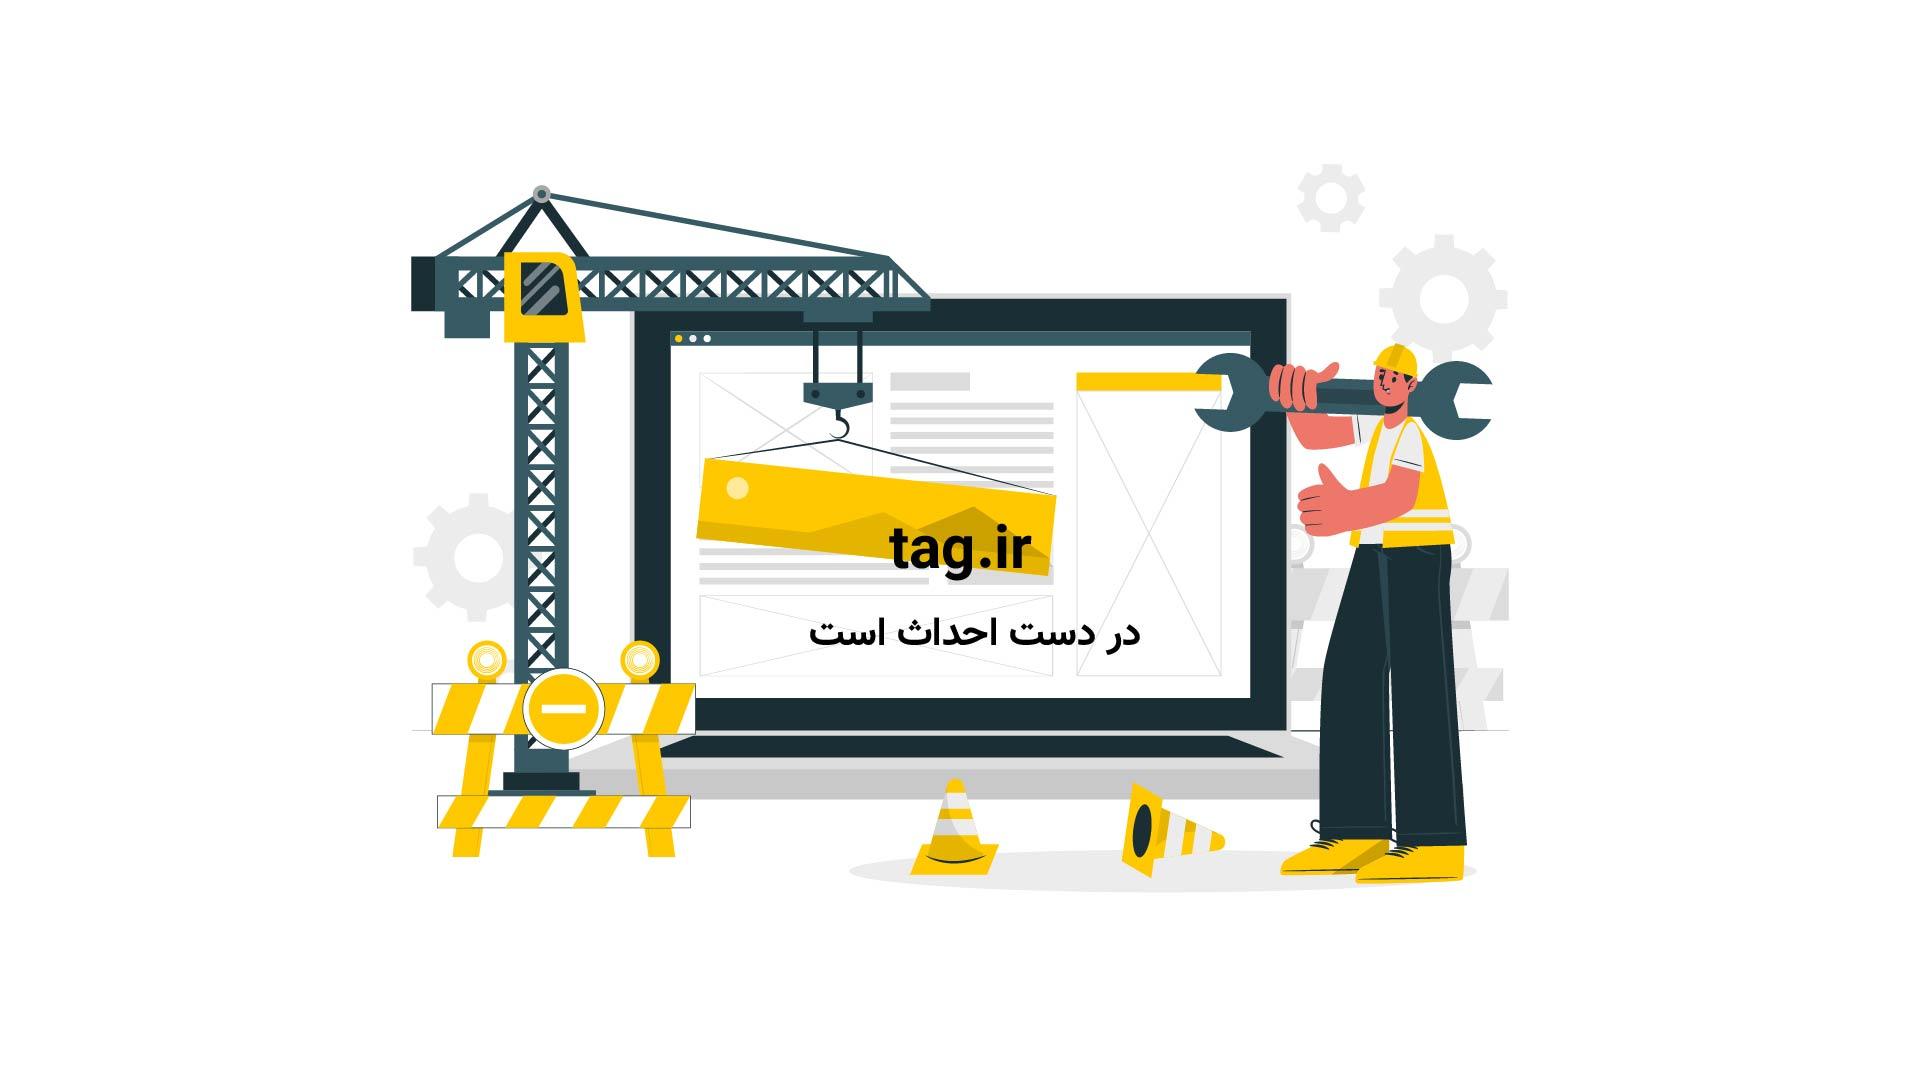 تانک تی ١٤